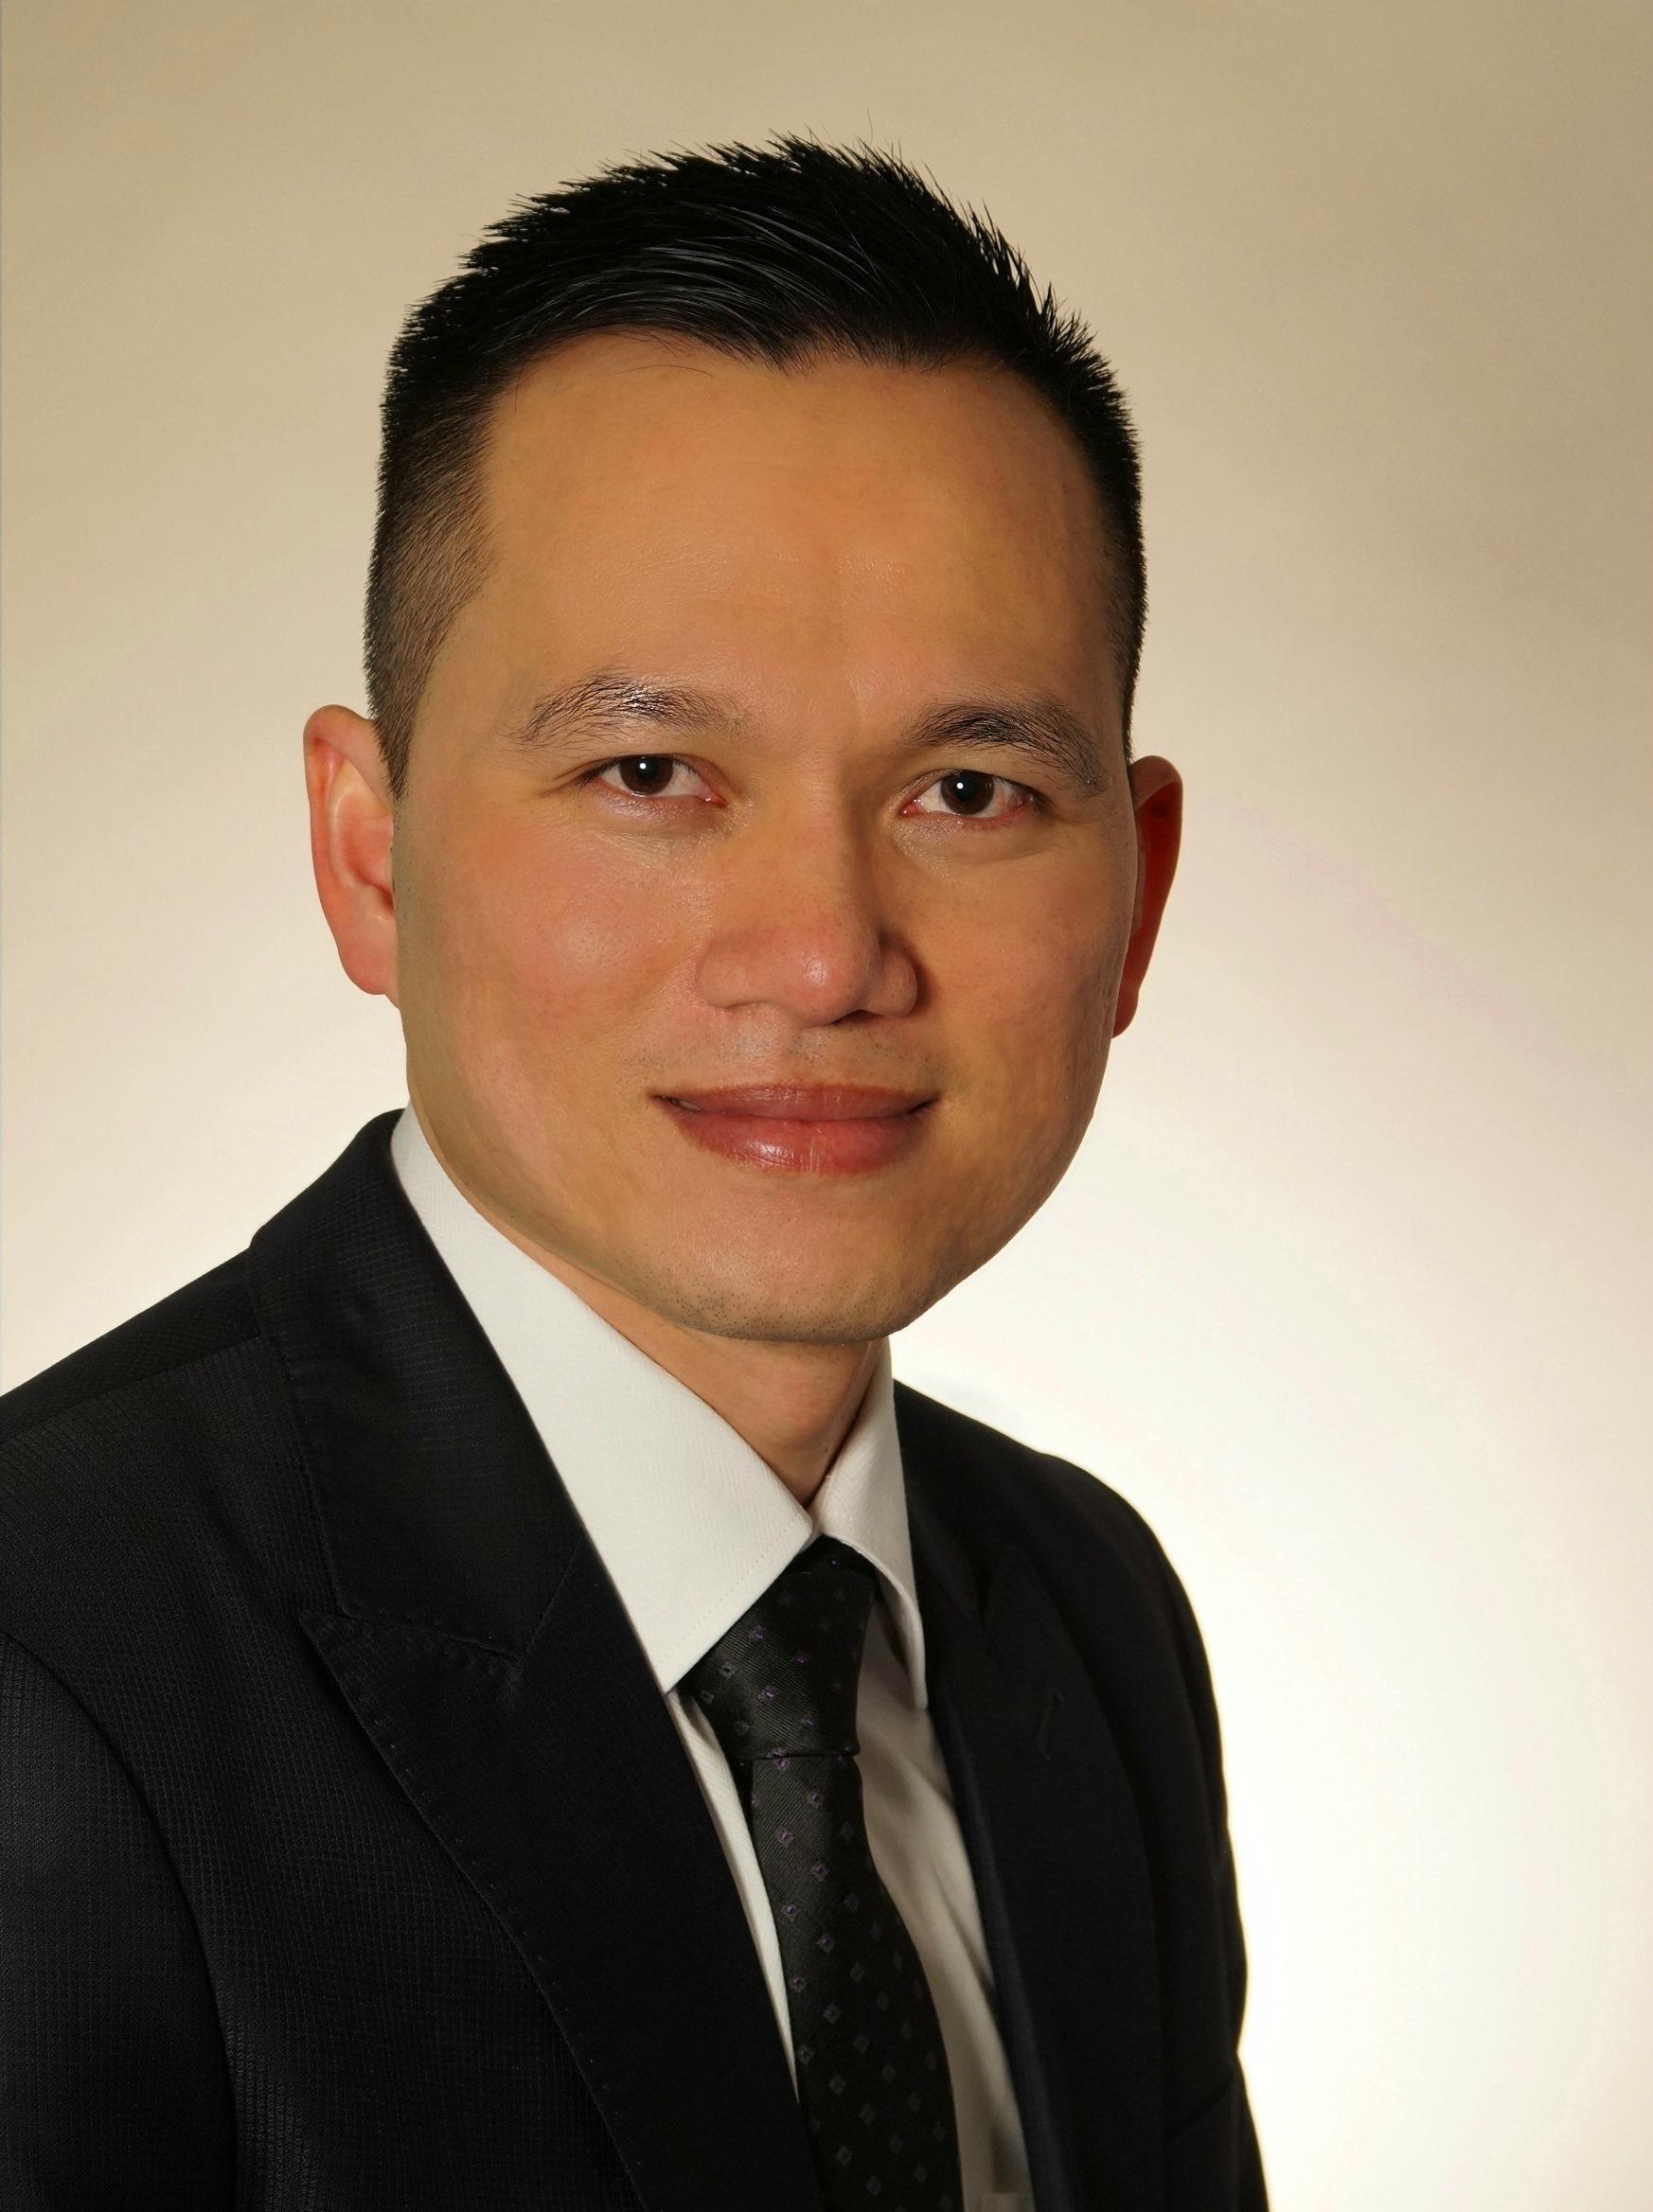 Chuyên gia Việt được vinh danh và giải thưởng khoa học uy tín ở châu Âu - Ảnh 1.